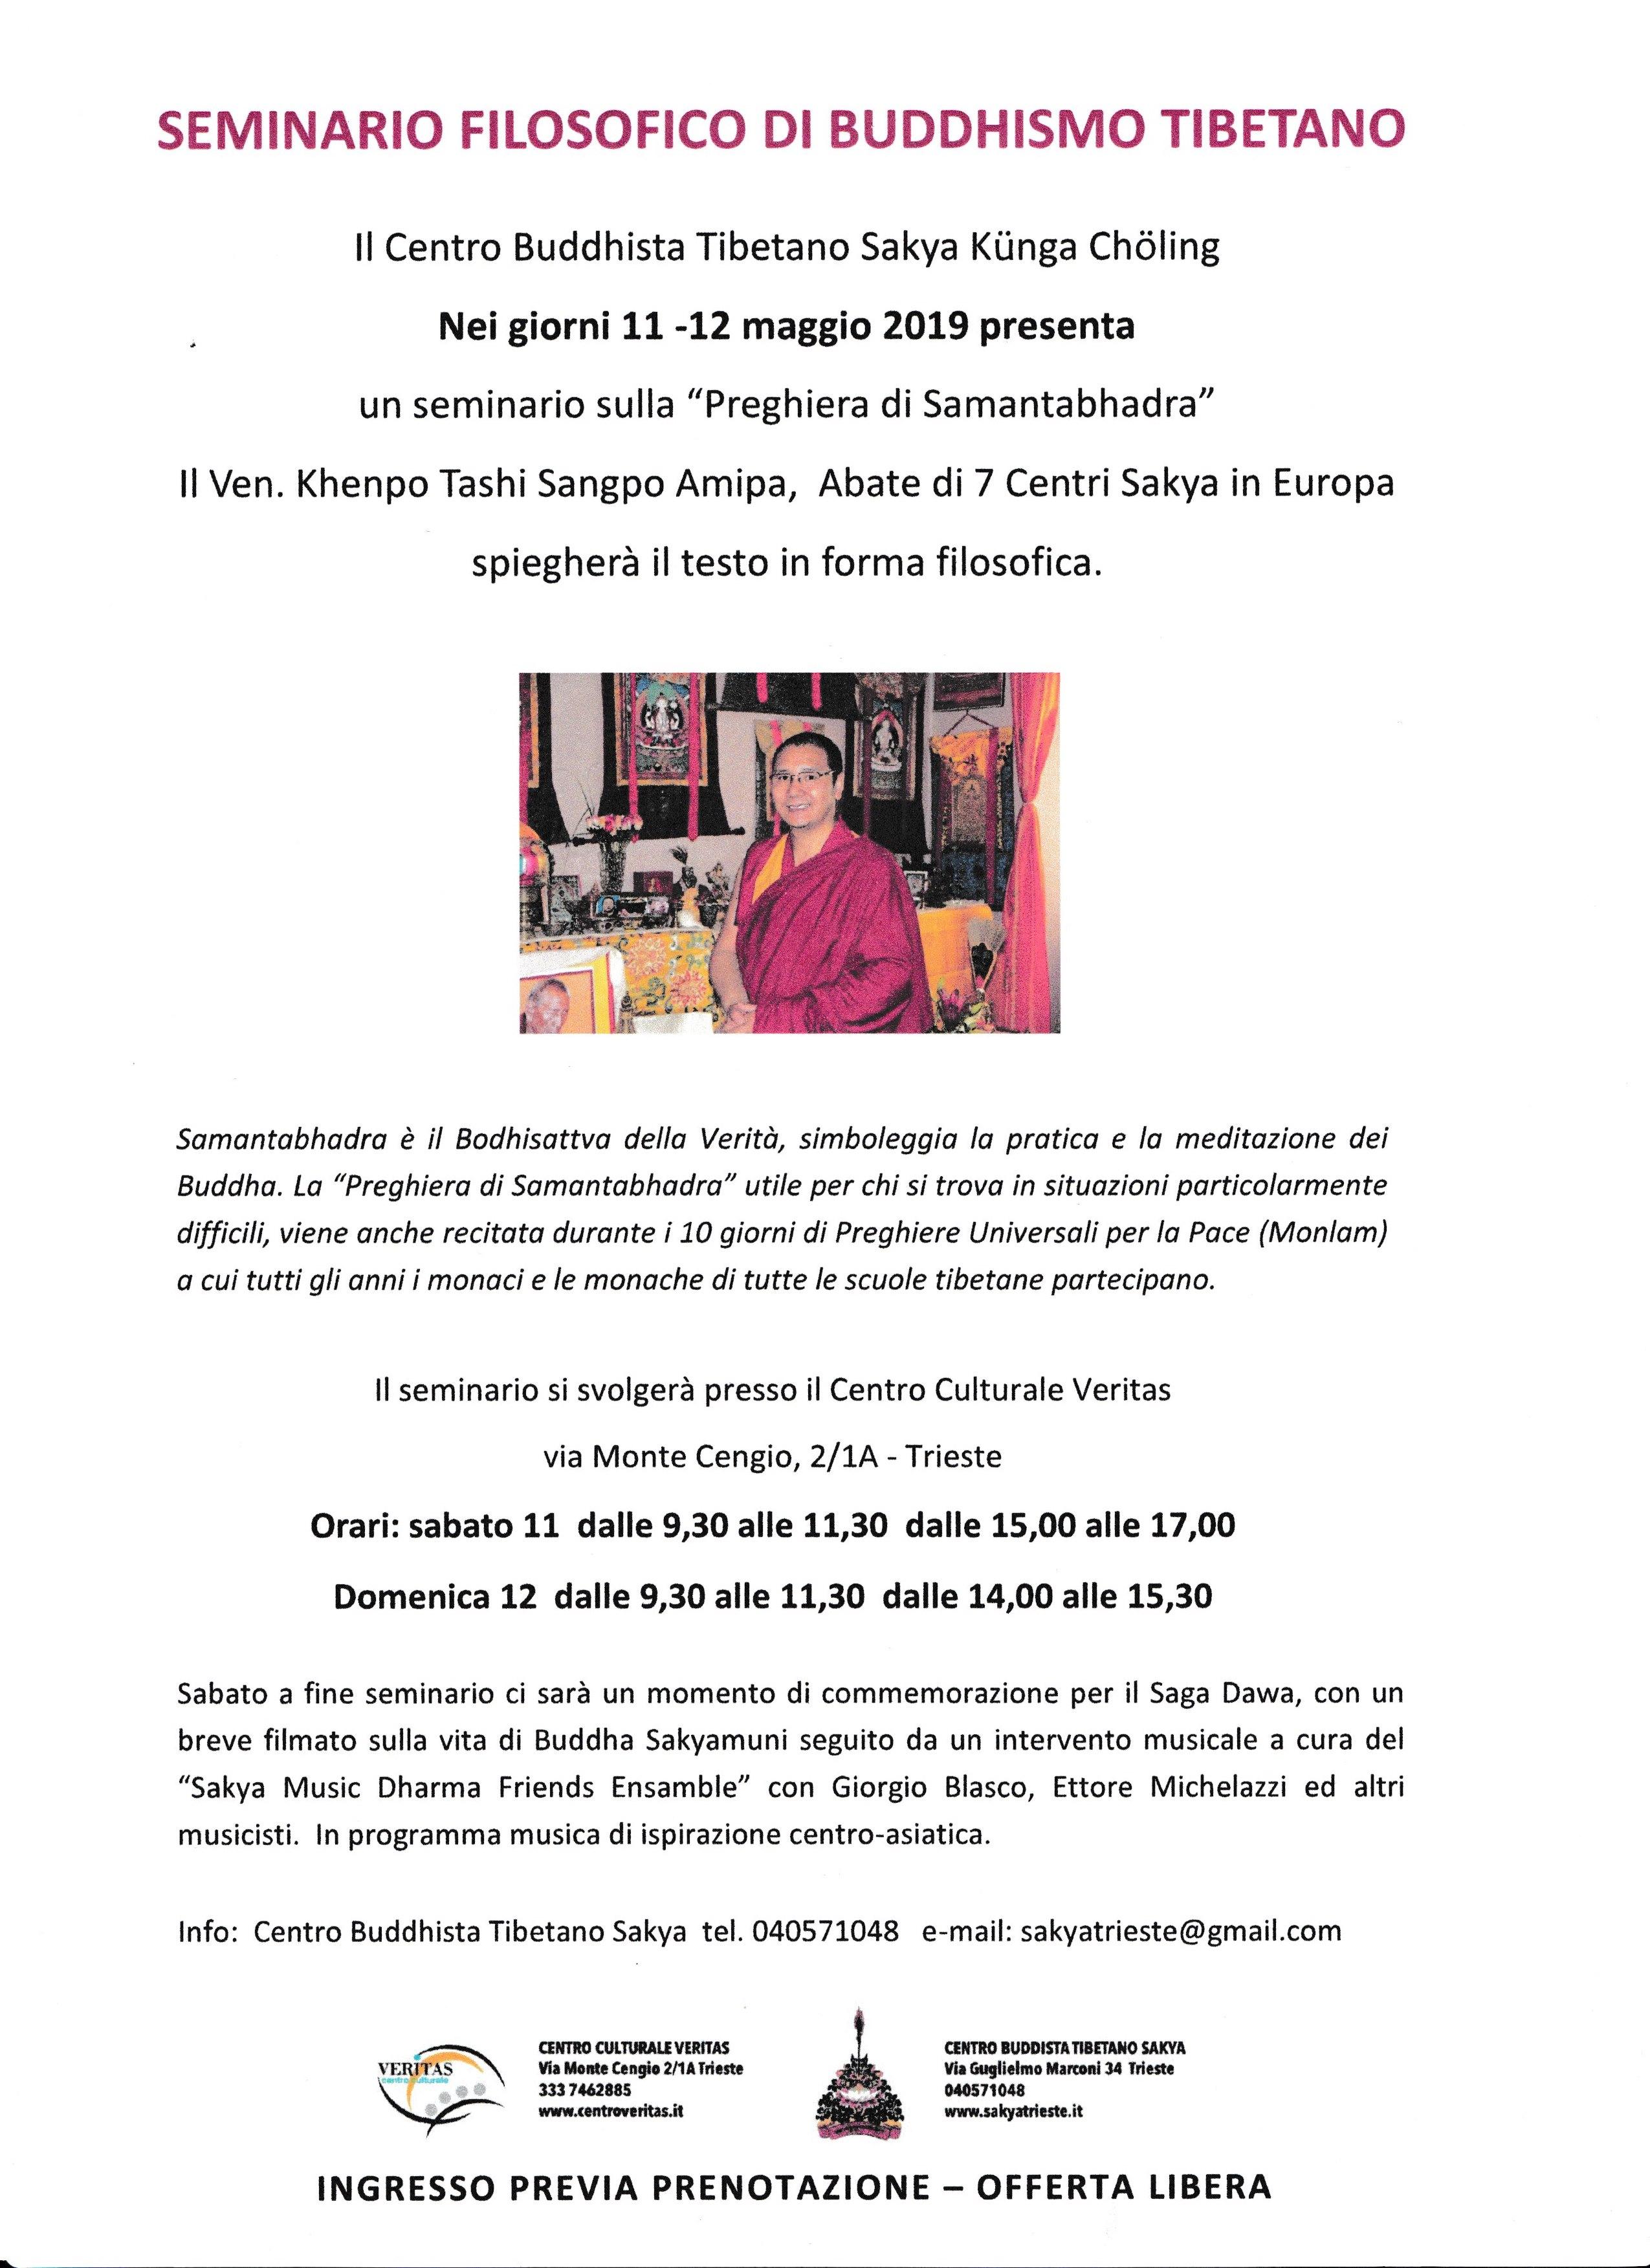 Calendario Tibetano.Seminario Filosofico Di Buddhismo Tibetano